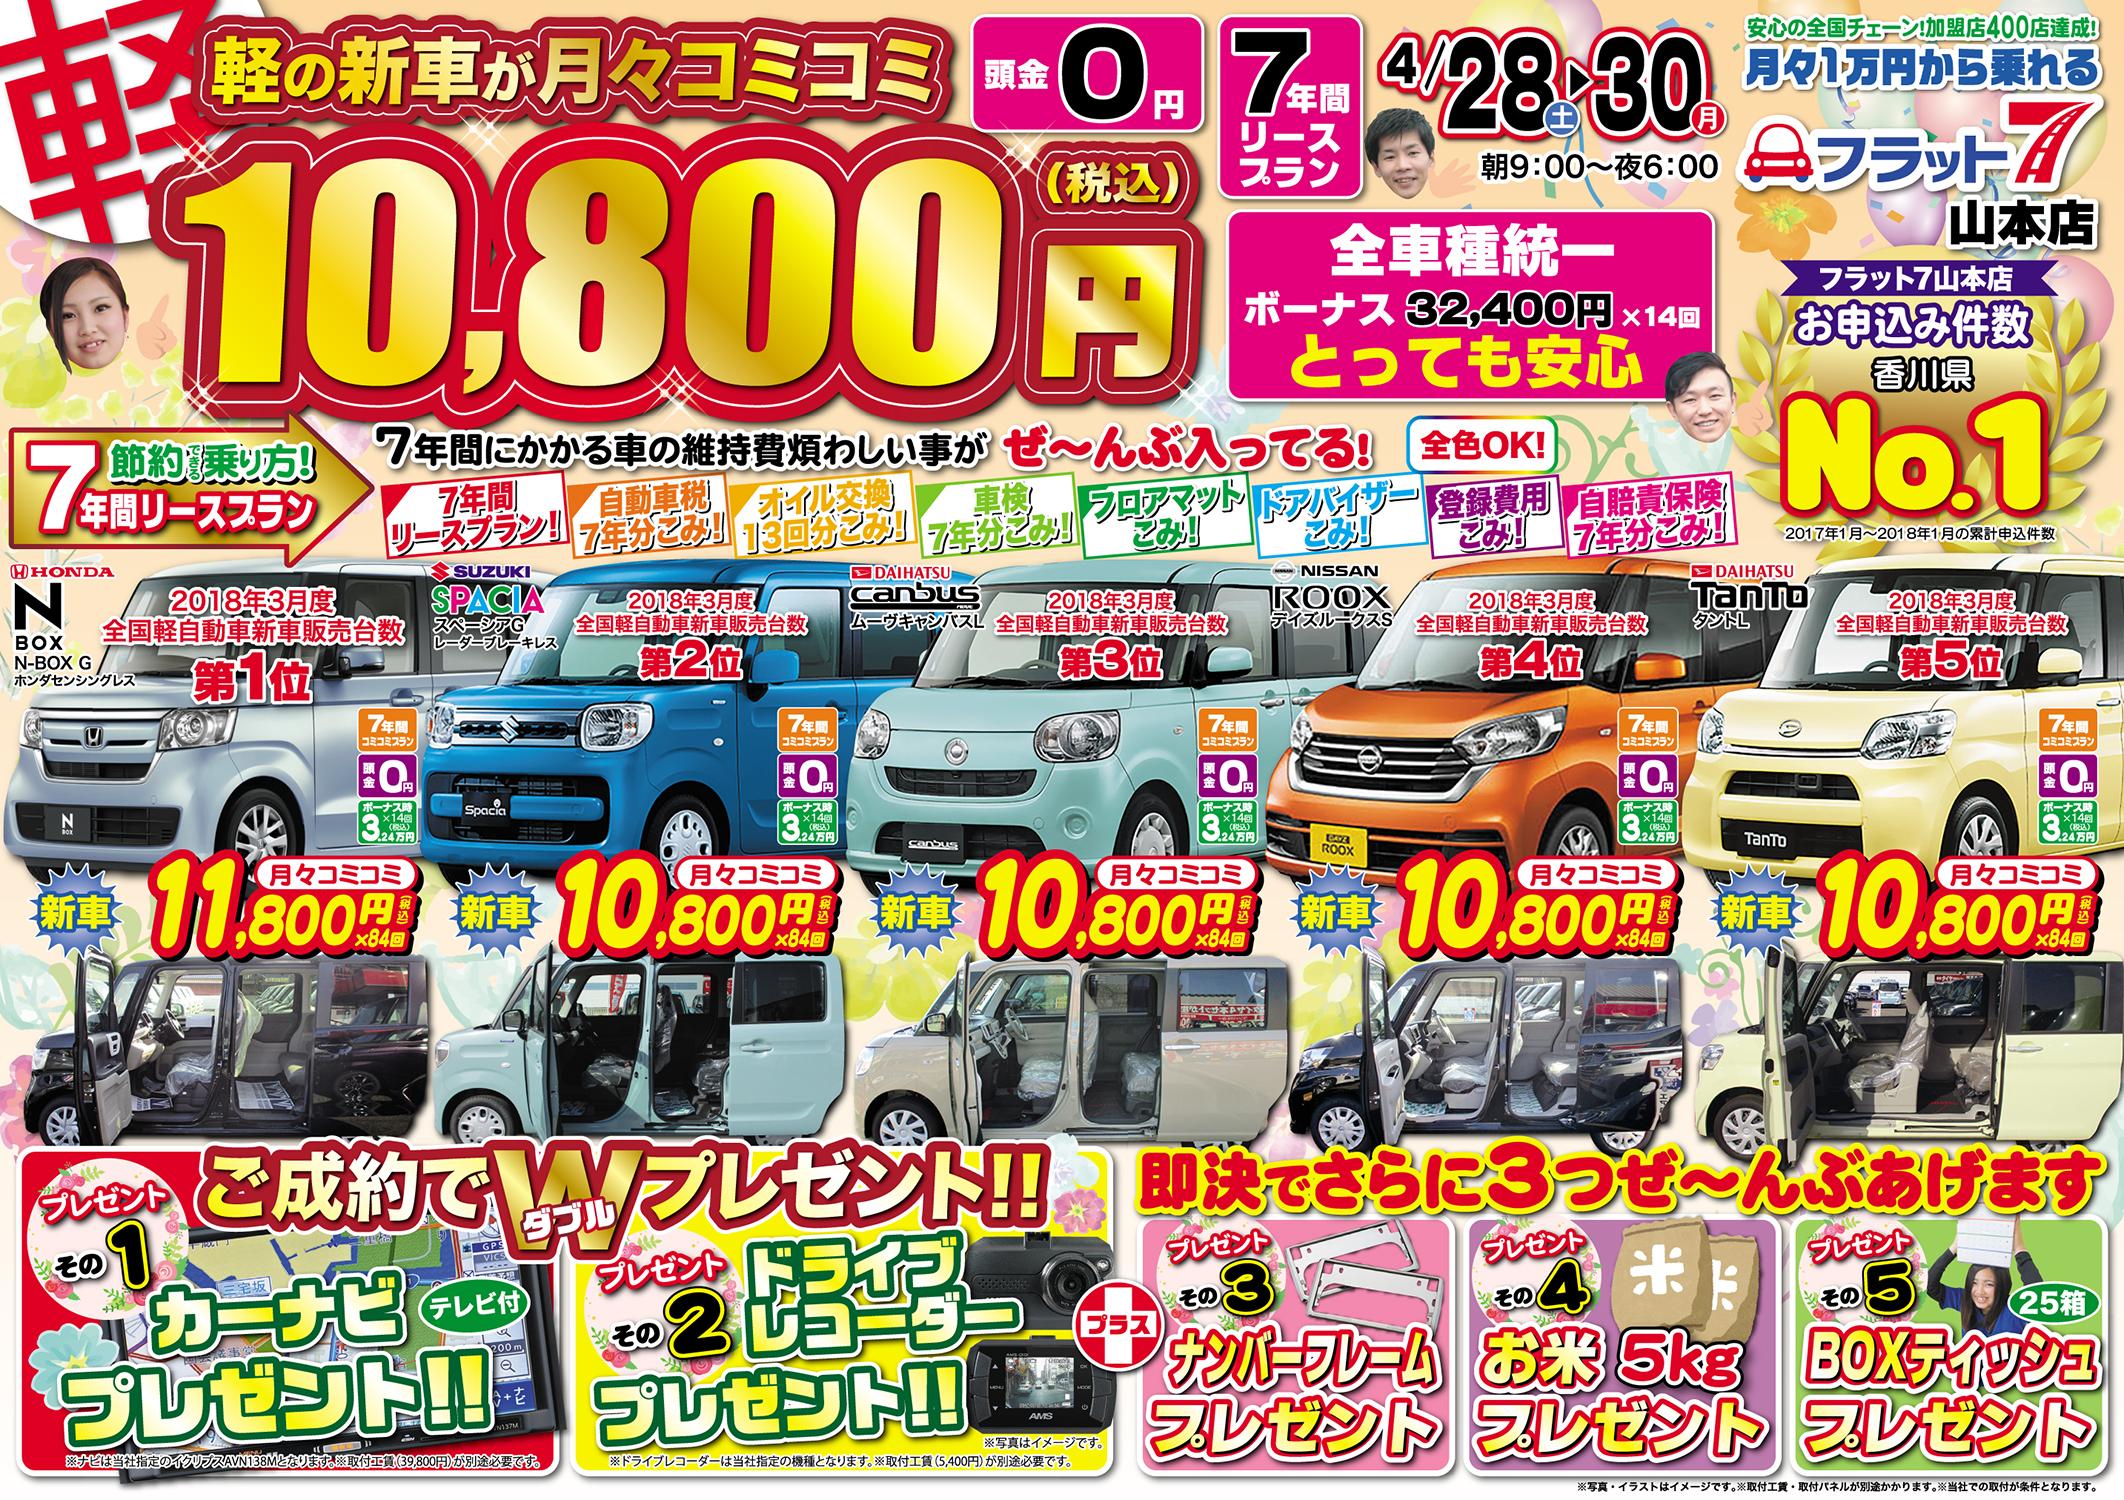 【フラット7】軽の新車が月々コミコミ10,800円!